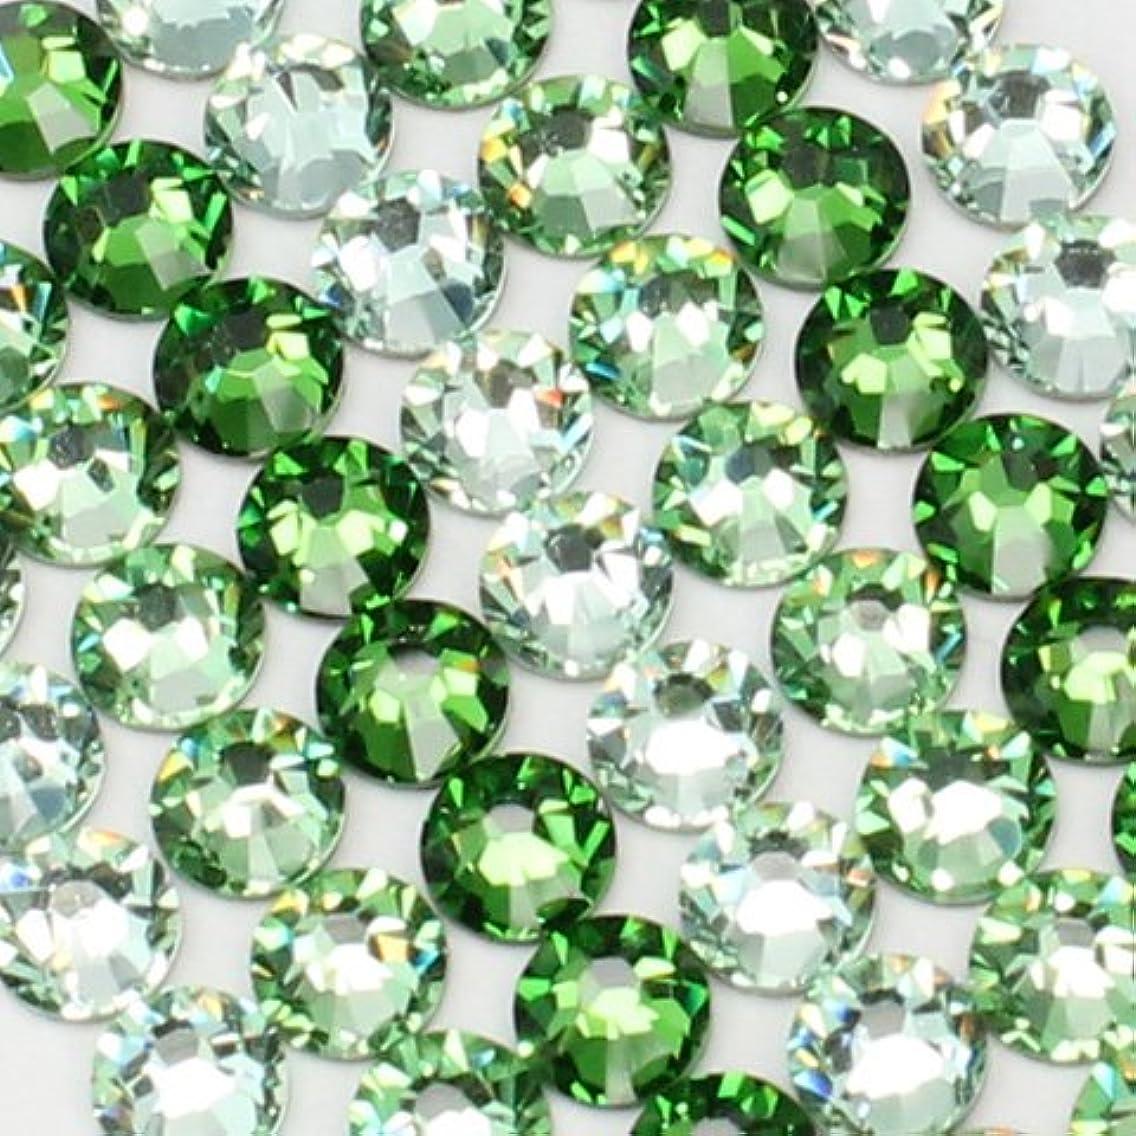 シェア実際に余韻お試しアートMIX[グリーン]クリソライト、ペリドット、ファーングリーン/スワロフスキー(Swarovski)/ラインストーン ss12(各30粒)